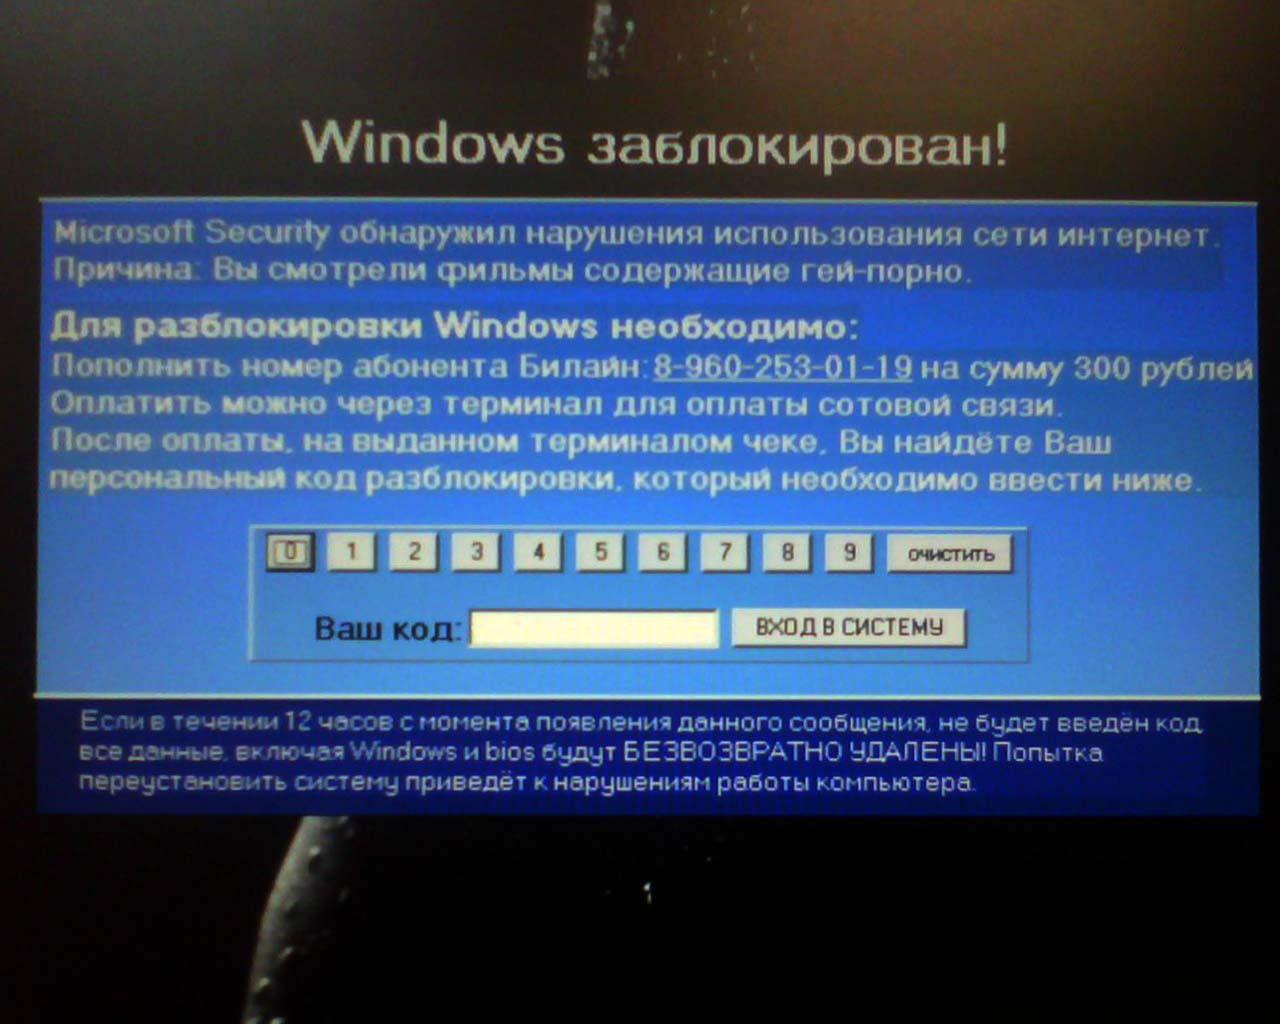 Microsoft Security обнаружил нарушения использования сети интернет. Причин